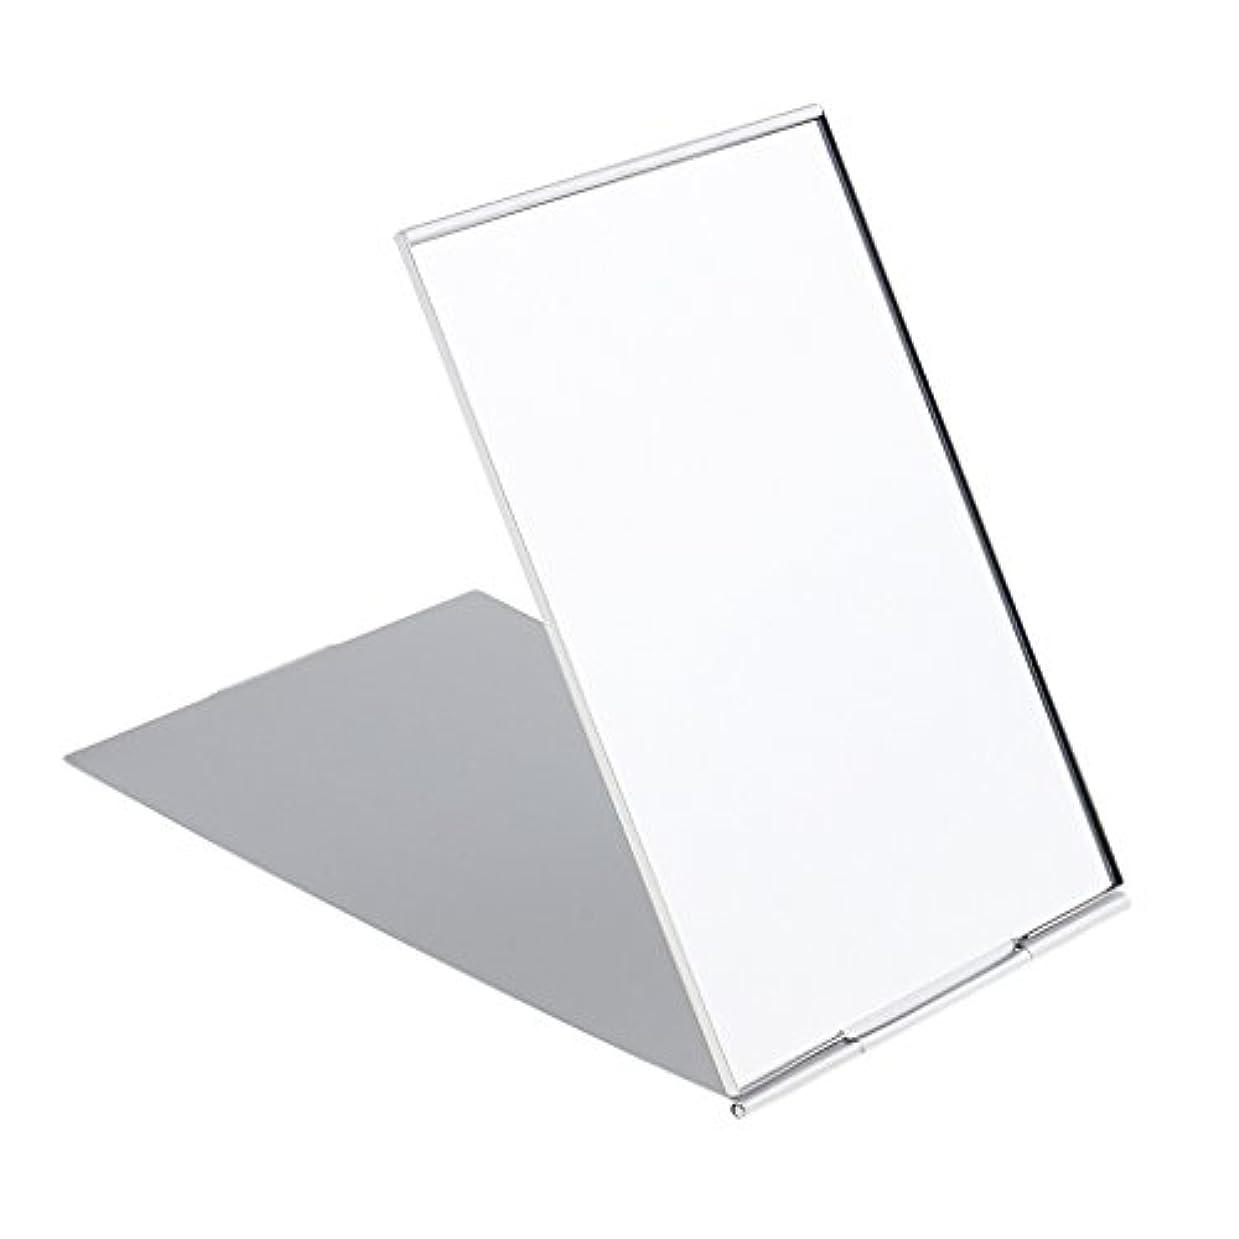 言うまでもなく検出器幸運なことに化粧鏡 スタンド 卓上 メイクアップミラー 折り畳み式 卓上ミラー 全3サイズ - #1